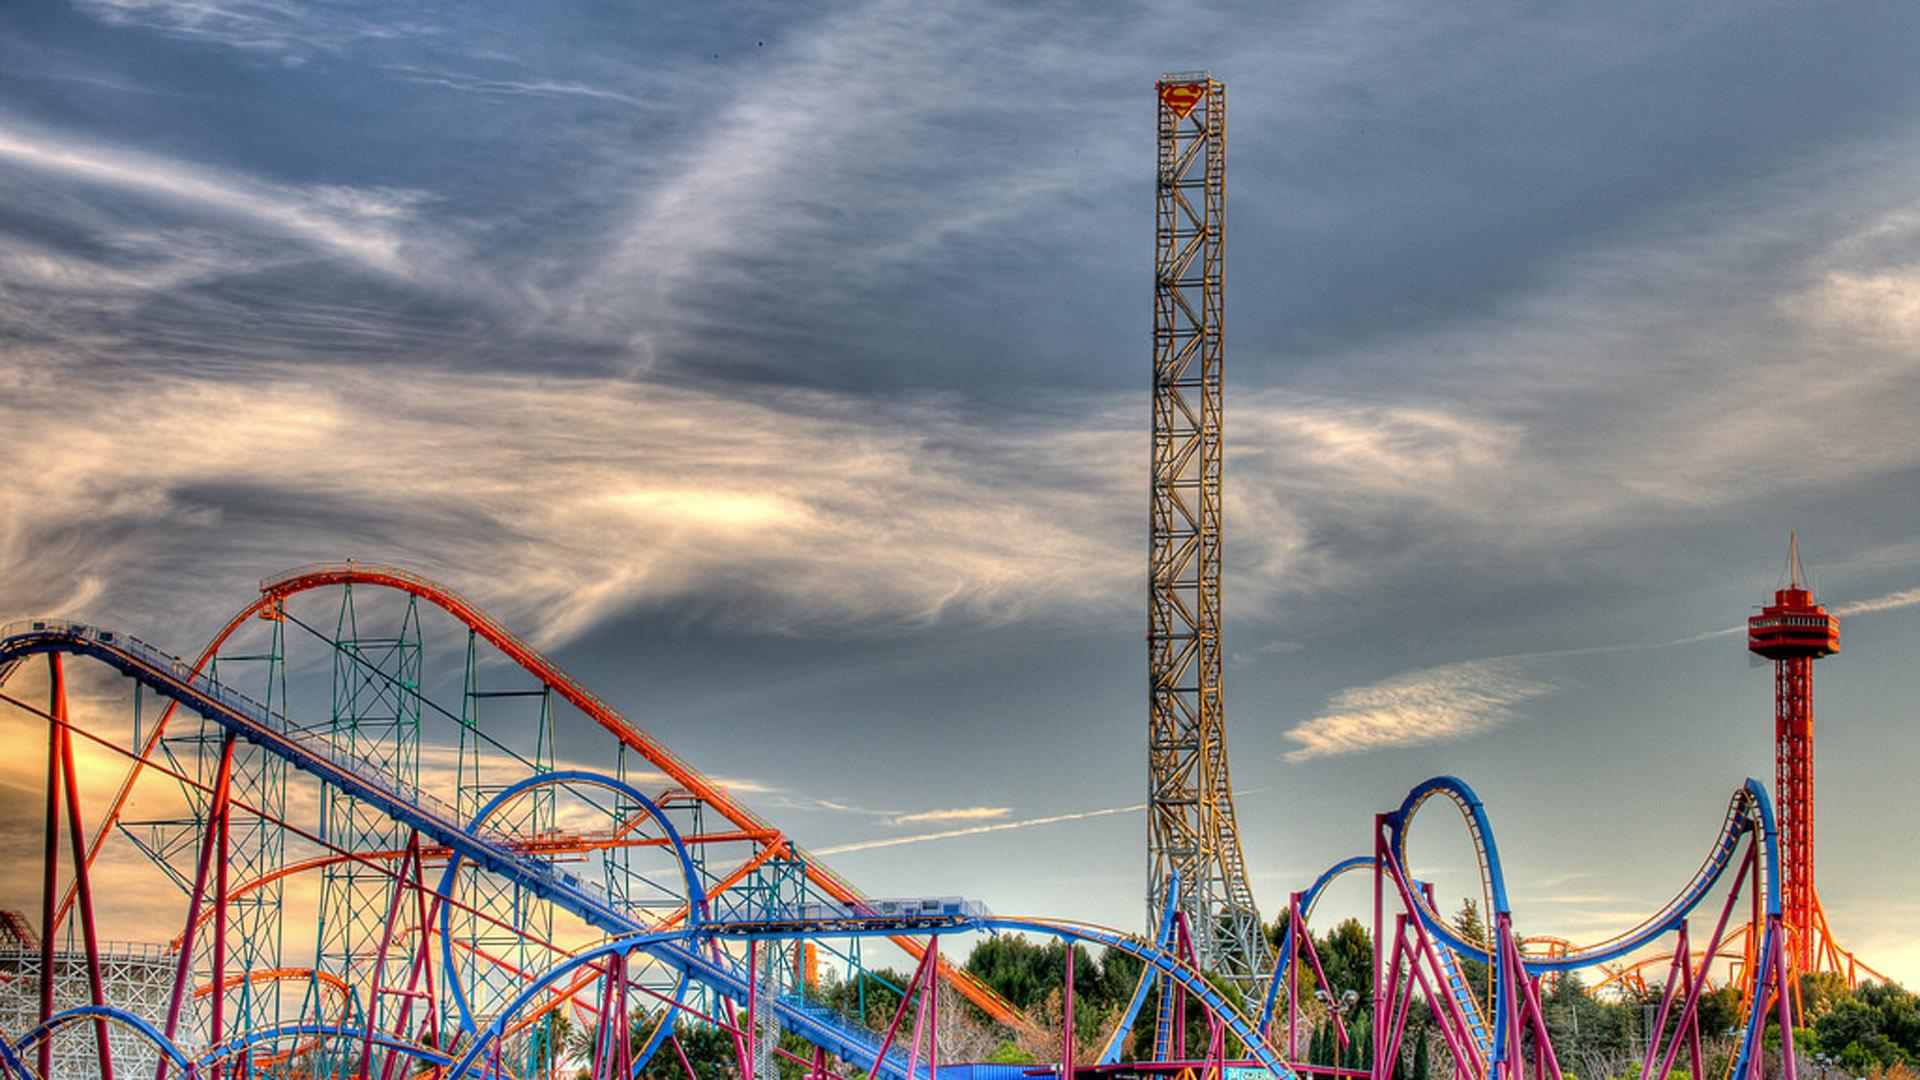 La montaña Lex Luthor del parque Six Flags cuenta con una caída de 120 metros